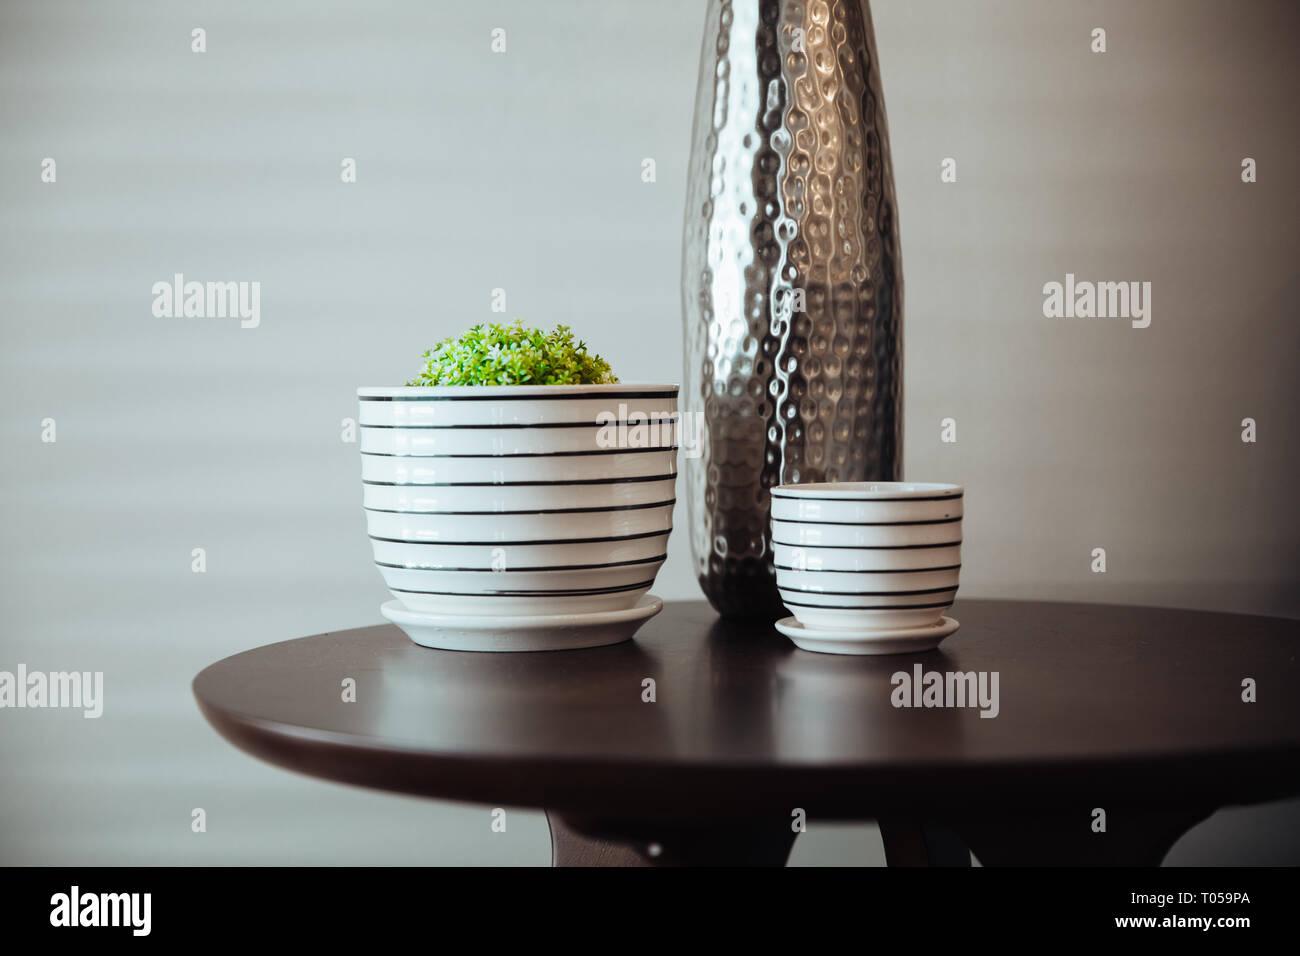 Interior design mobili di accento con un transitorio, stile minimalista. Immagini Stock